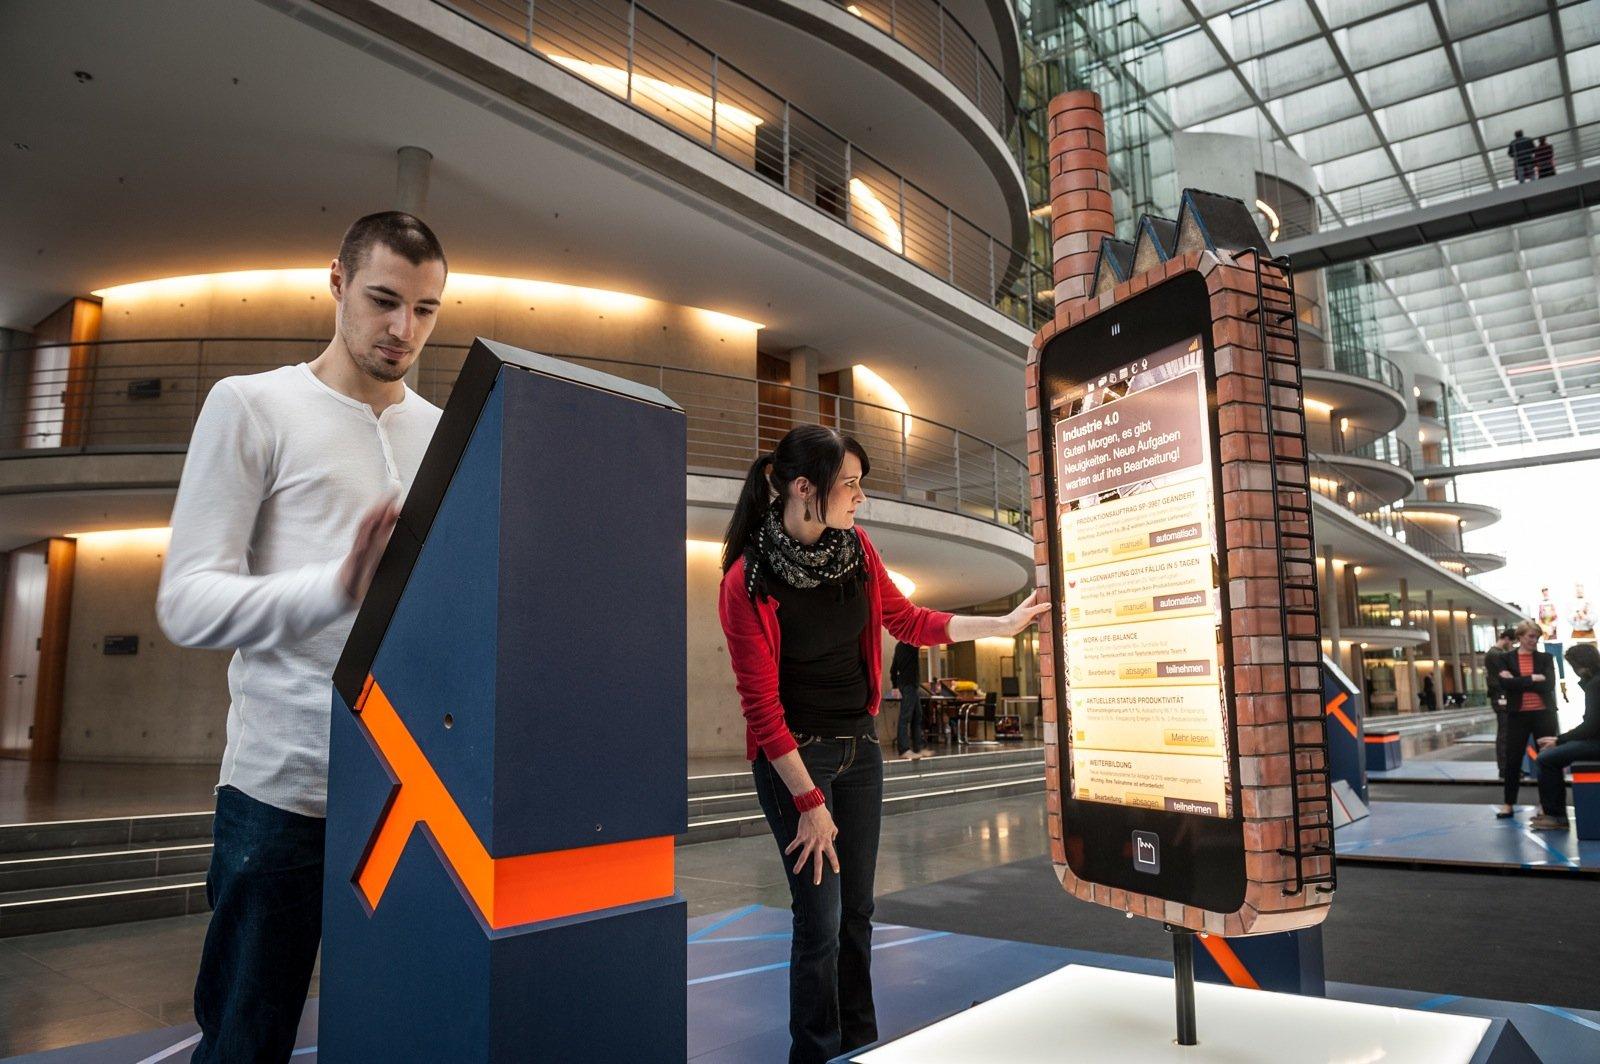 Auch das Thema Industrie 4.0 wird in der Ausstellung Ideen 2020 thematisiert.